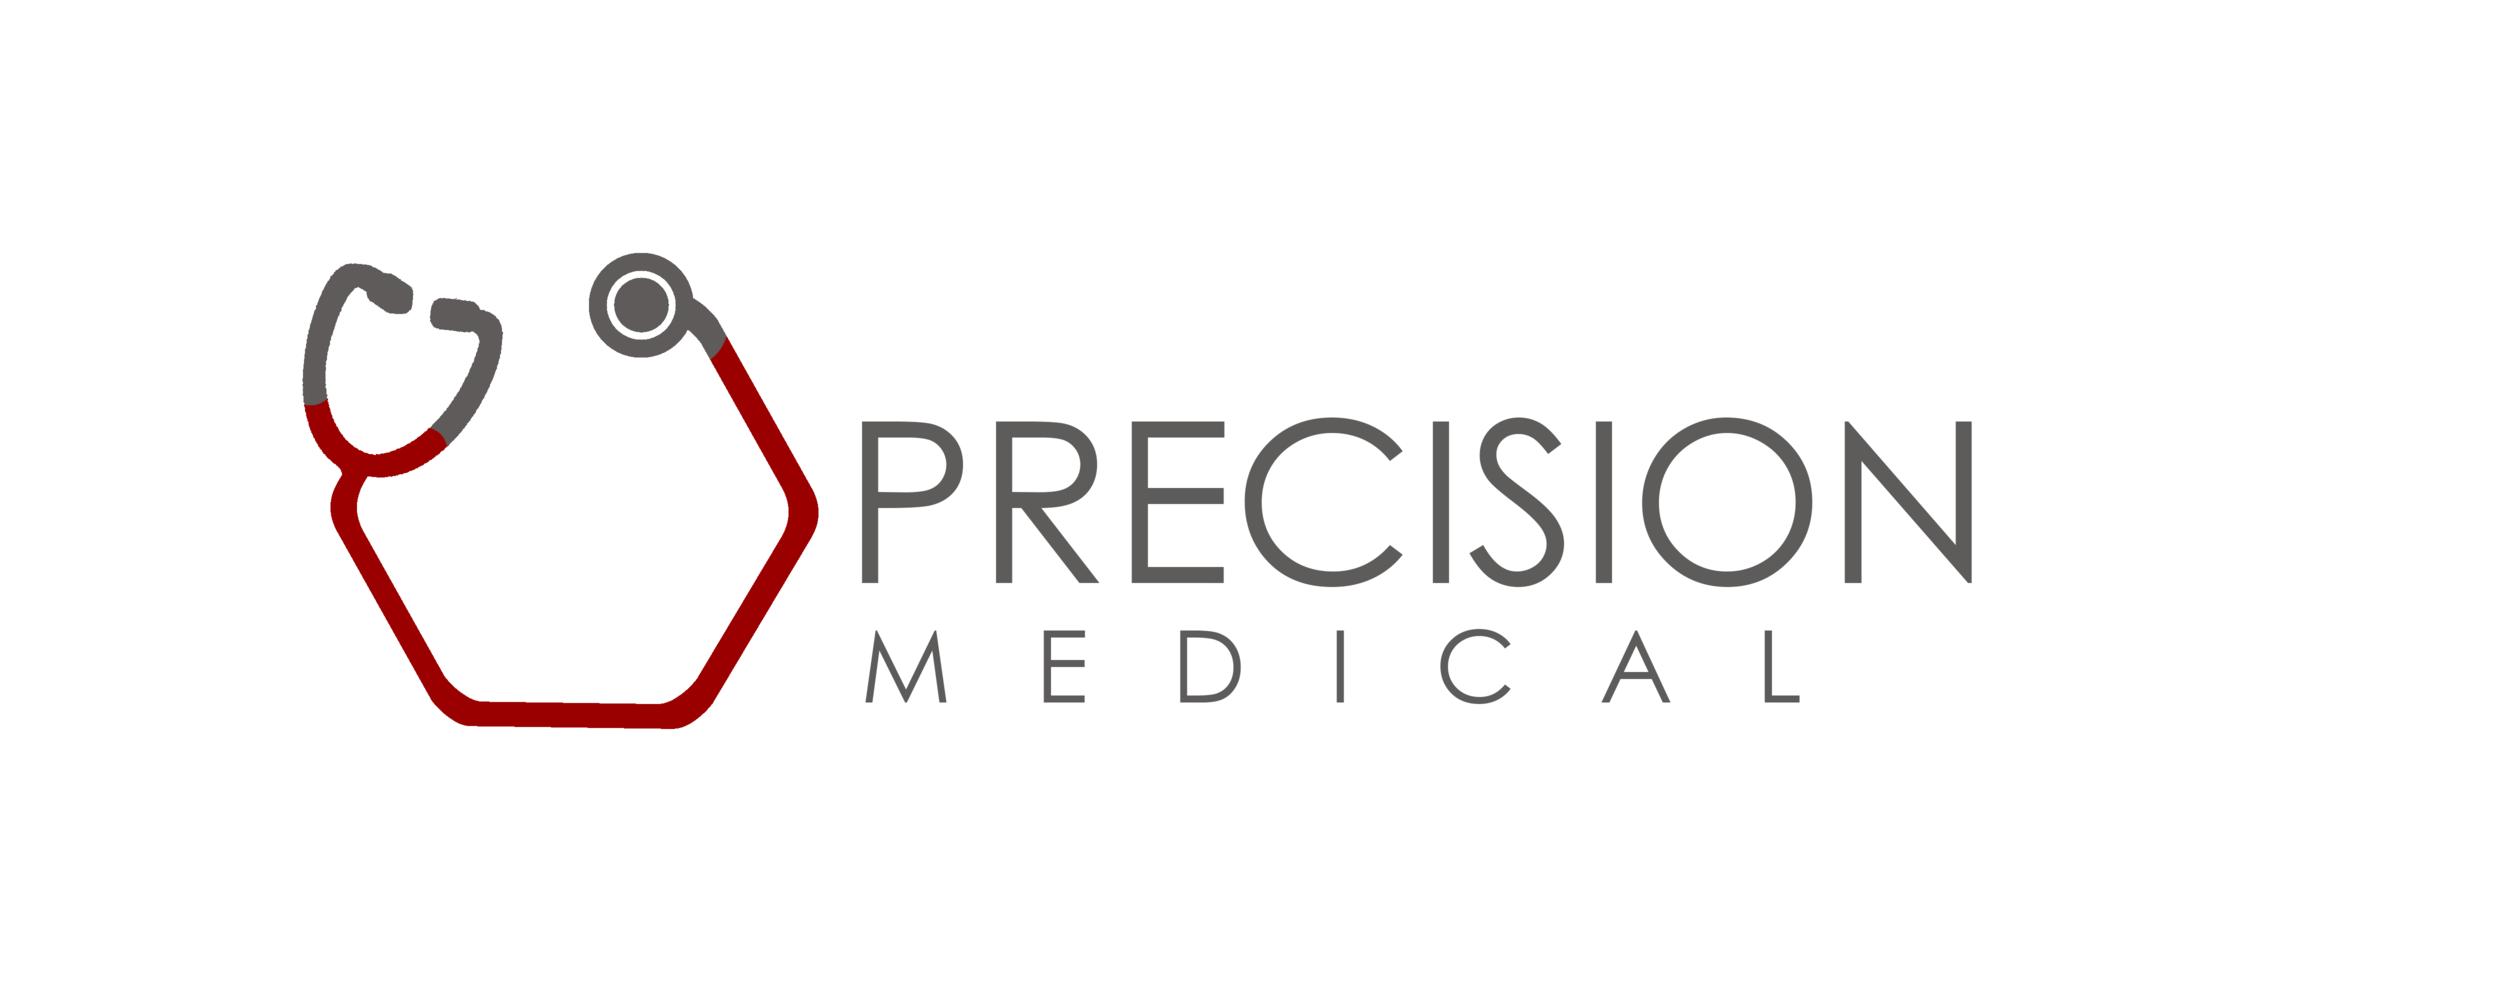 Copy of http://www.precisionmedical.com.sg/